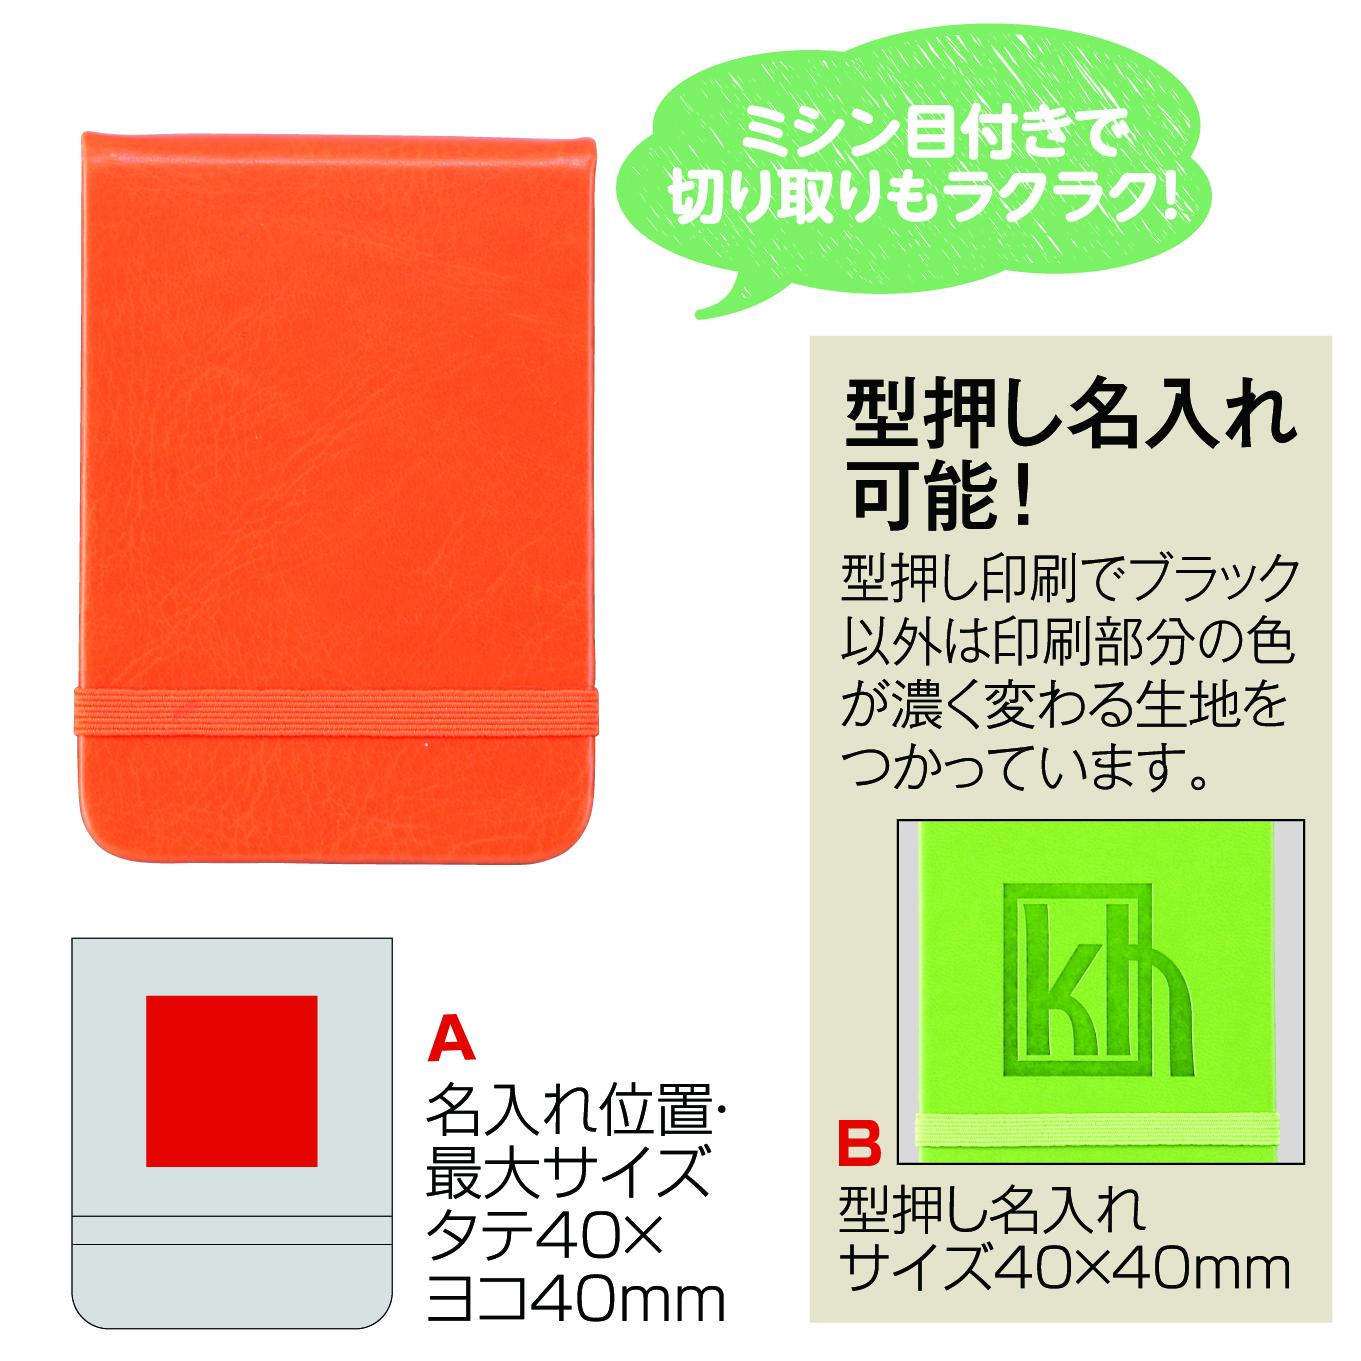 セルトナ・ハードカバーメモ帳(オレンジ)